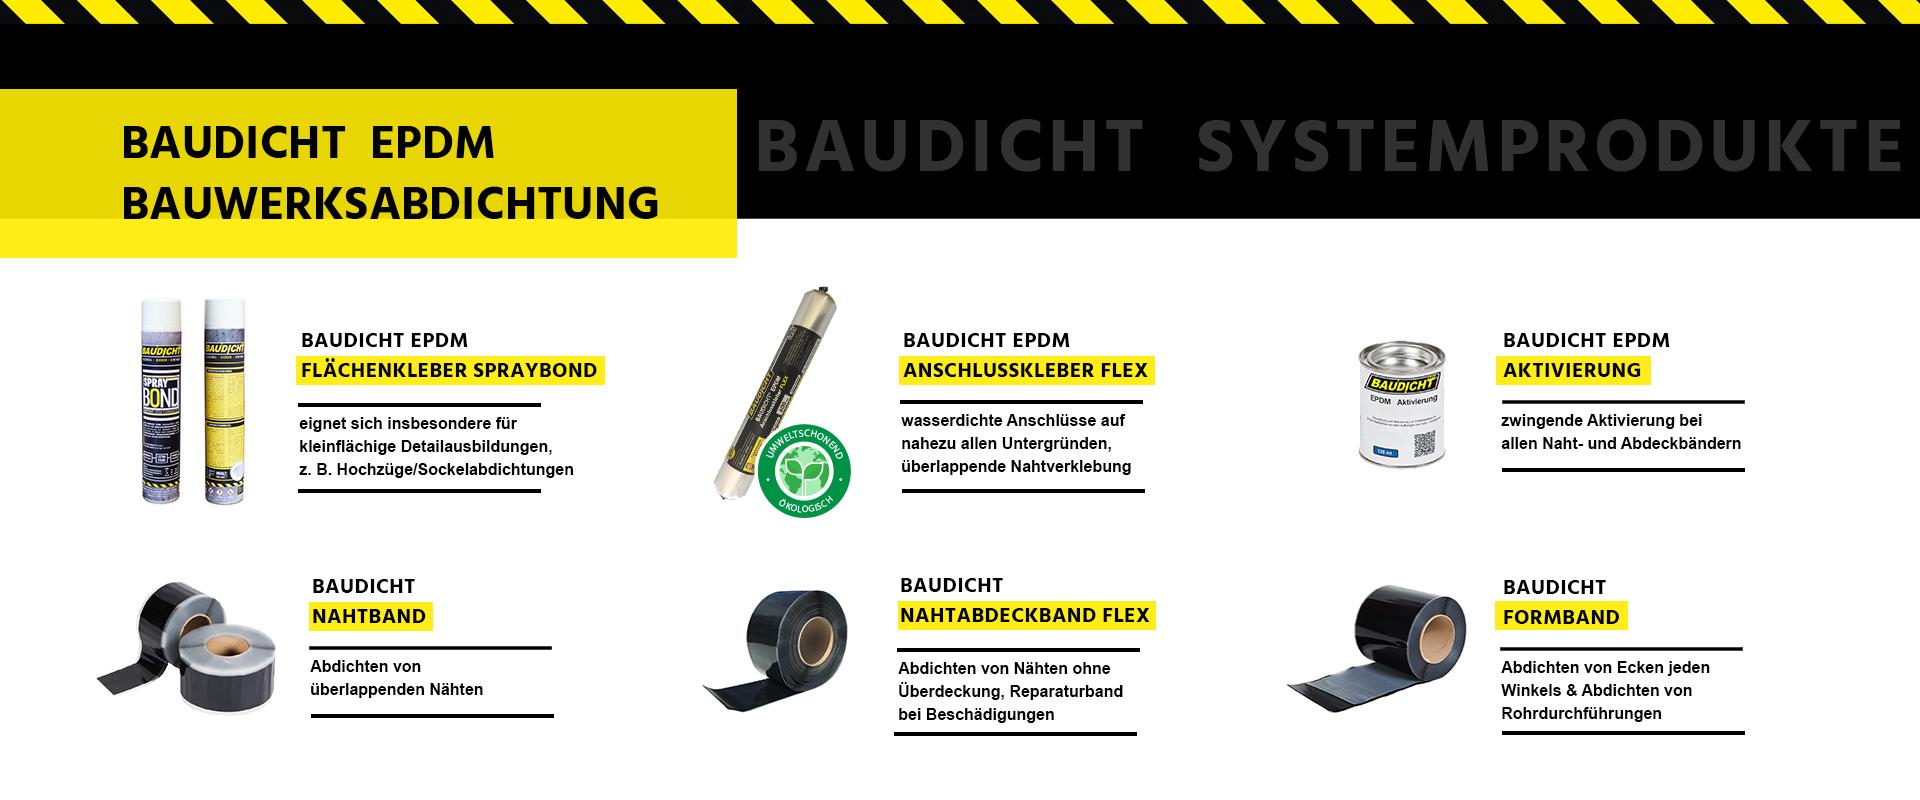 BAUDICHT EPDM Bauwerksabdichtung Systemprodukte